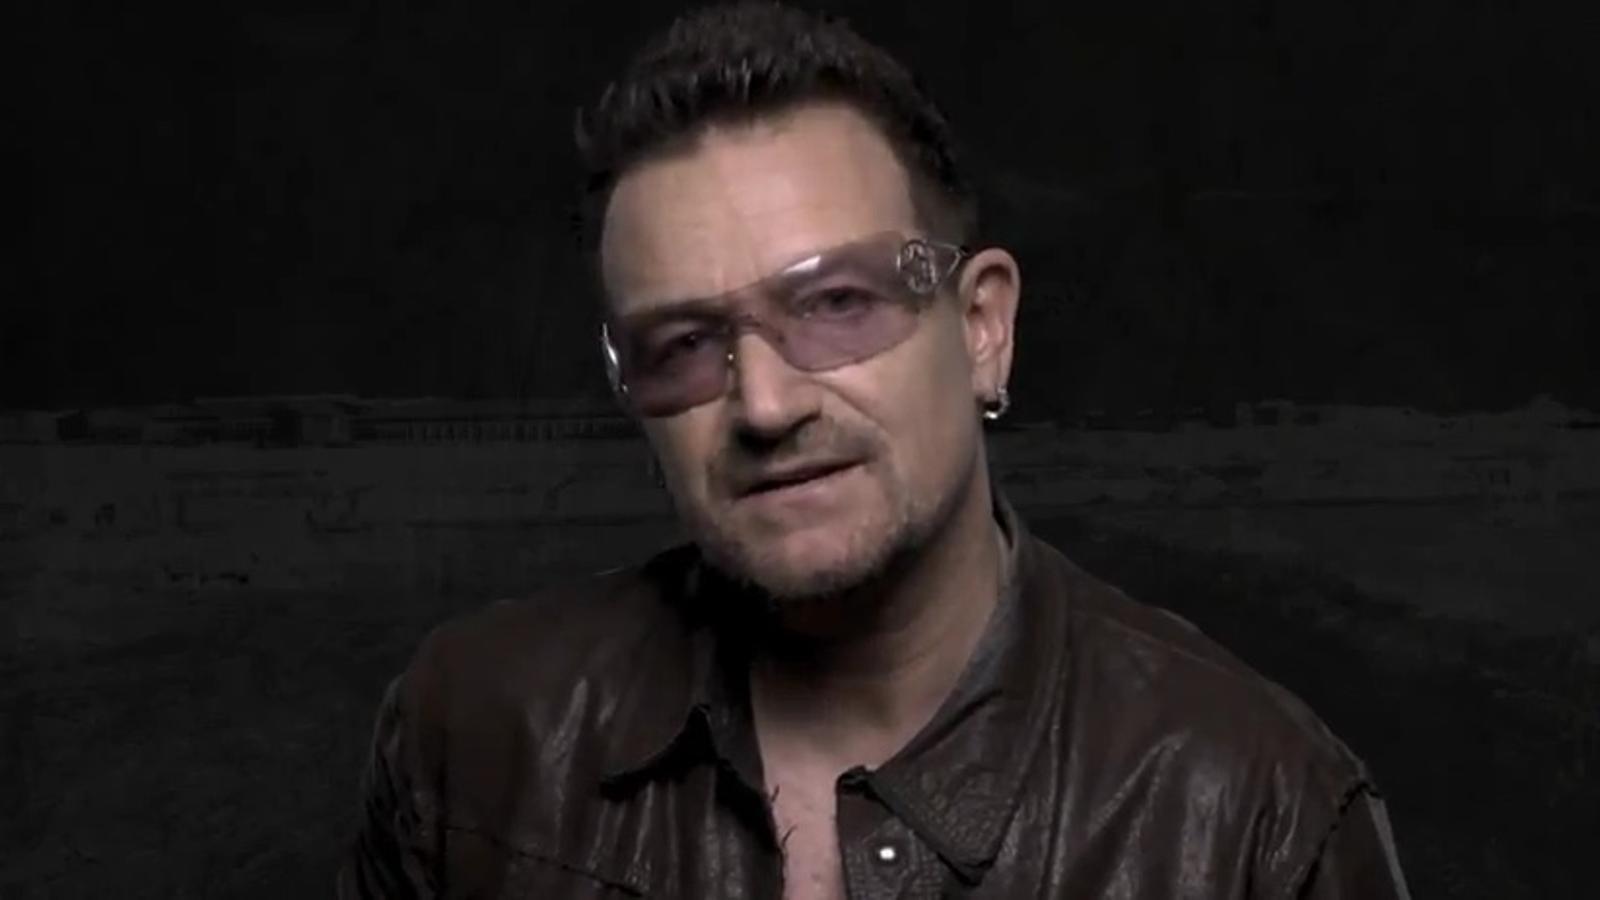 Veten l'emissió televisiva d'un anunci de Bono contra la fam a l'Àfrica, per suposat caràcter polític